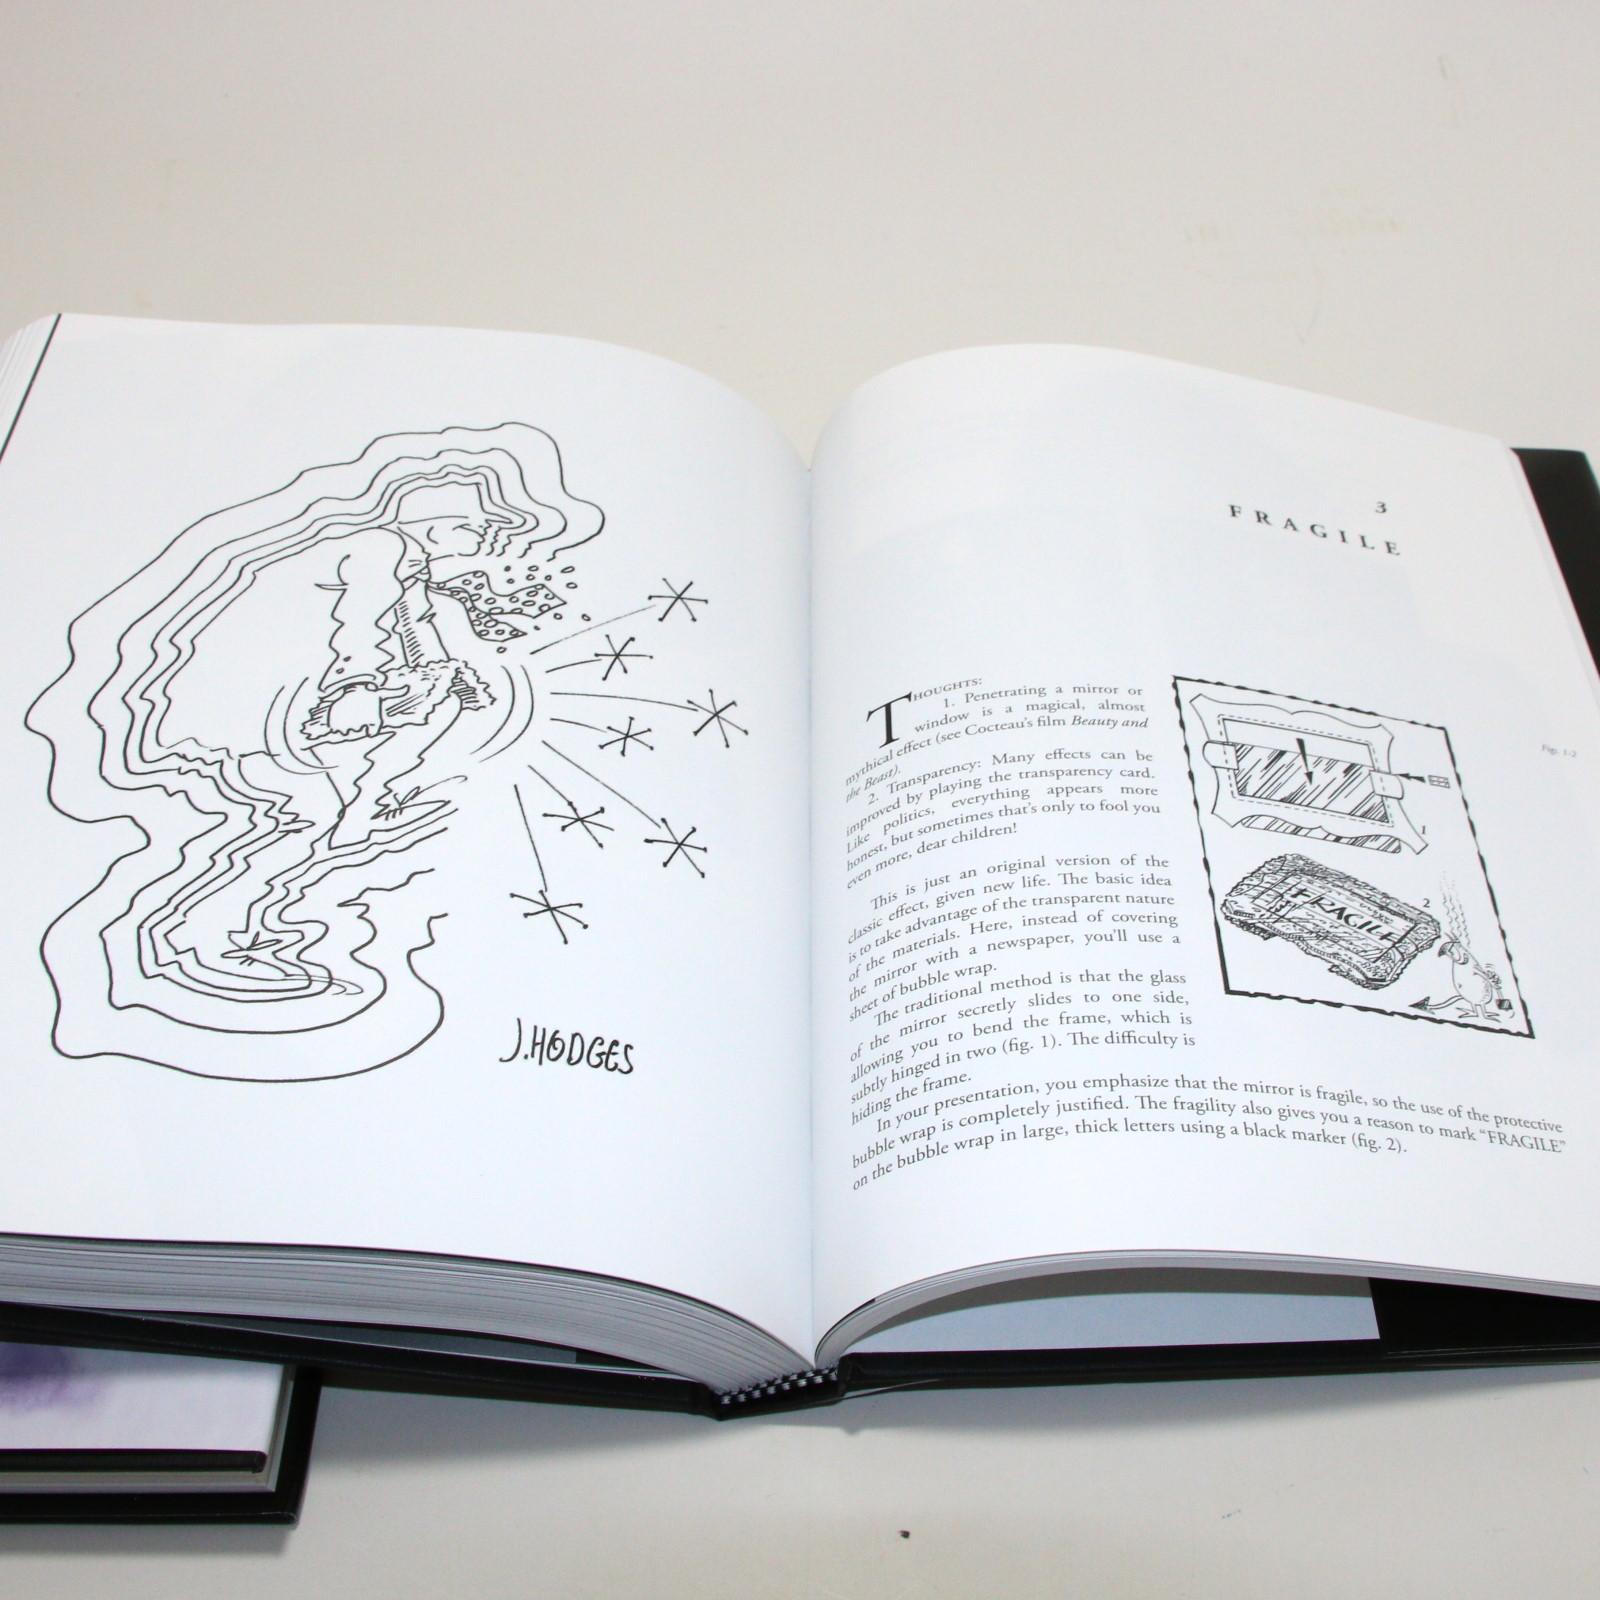 Full Bloom (Vols. 1 & 2) by Gaetan Bloom, Todd Karr